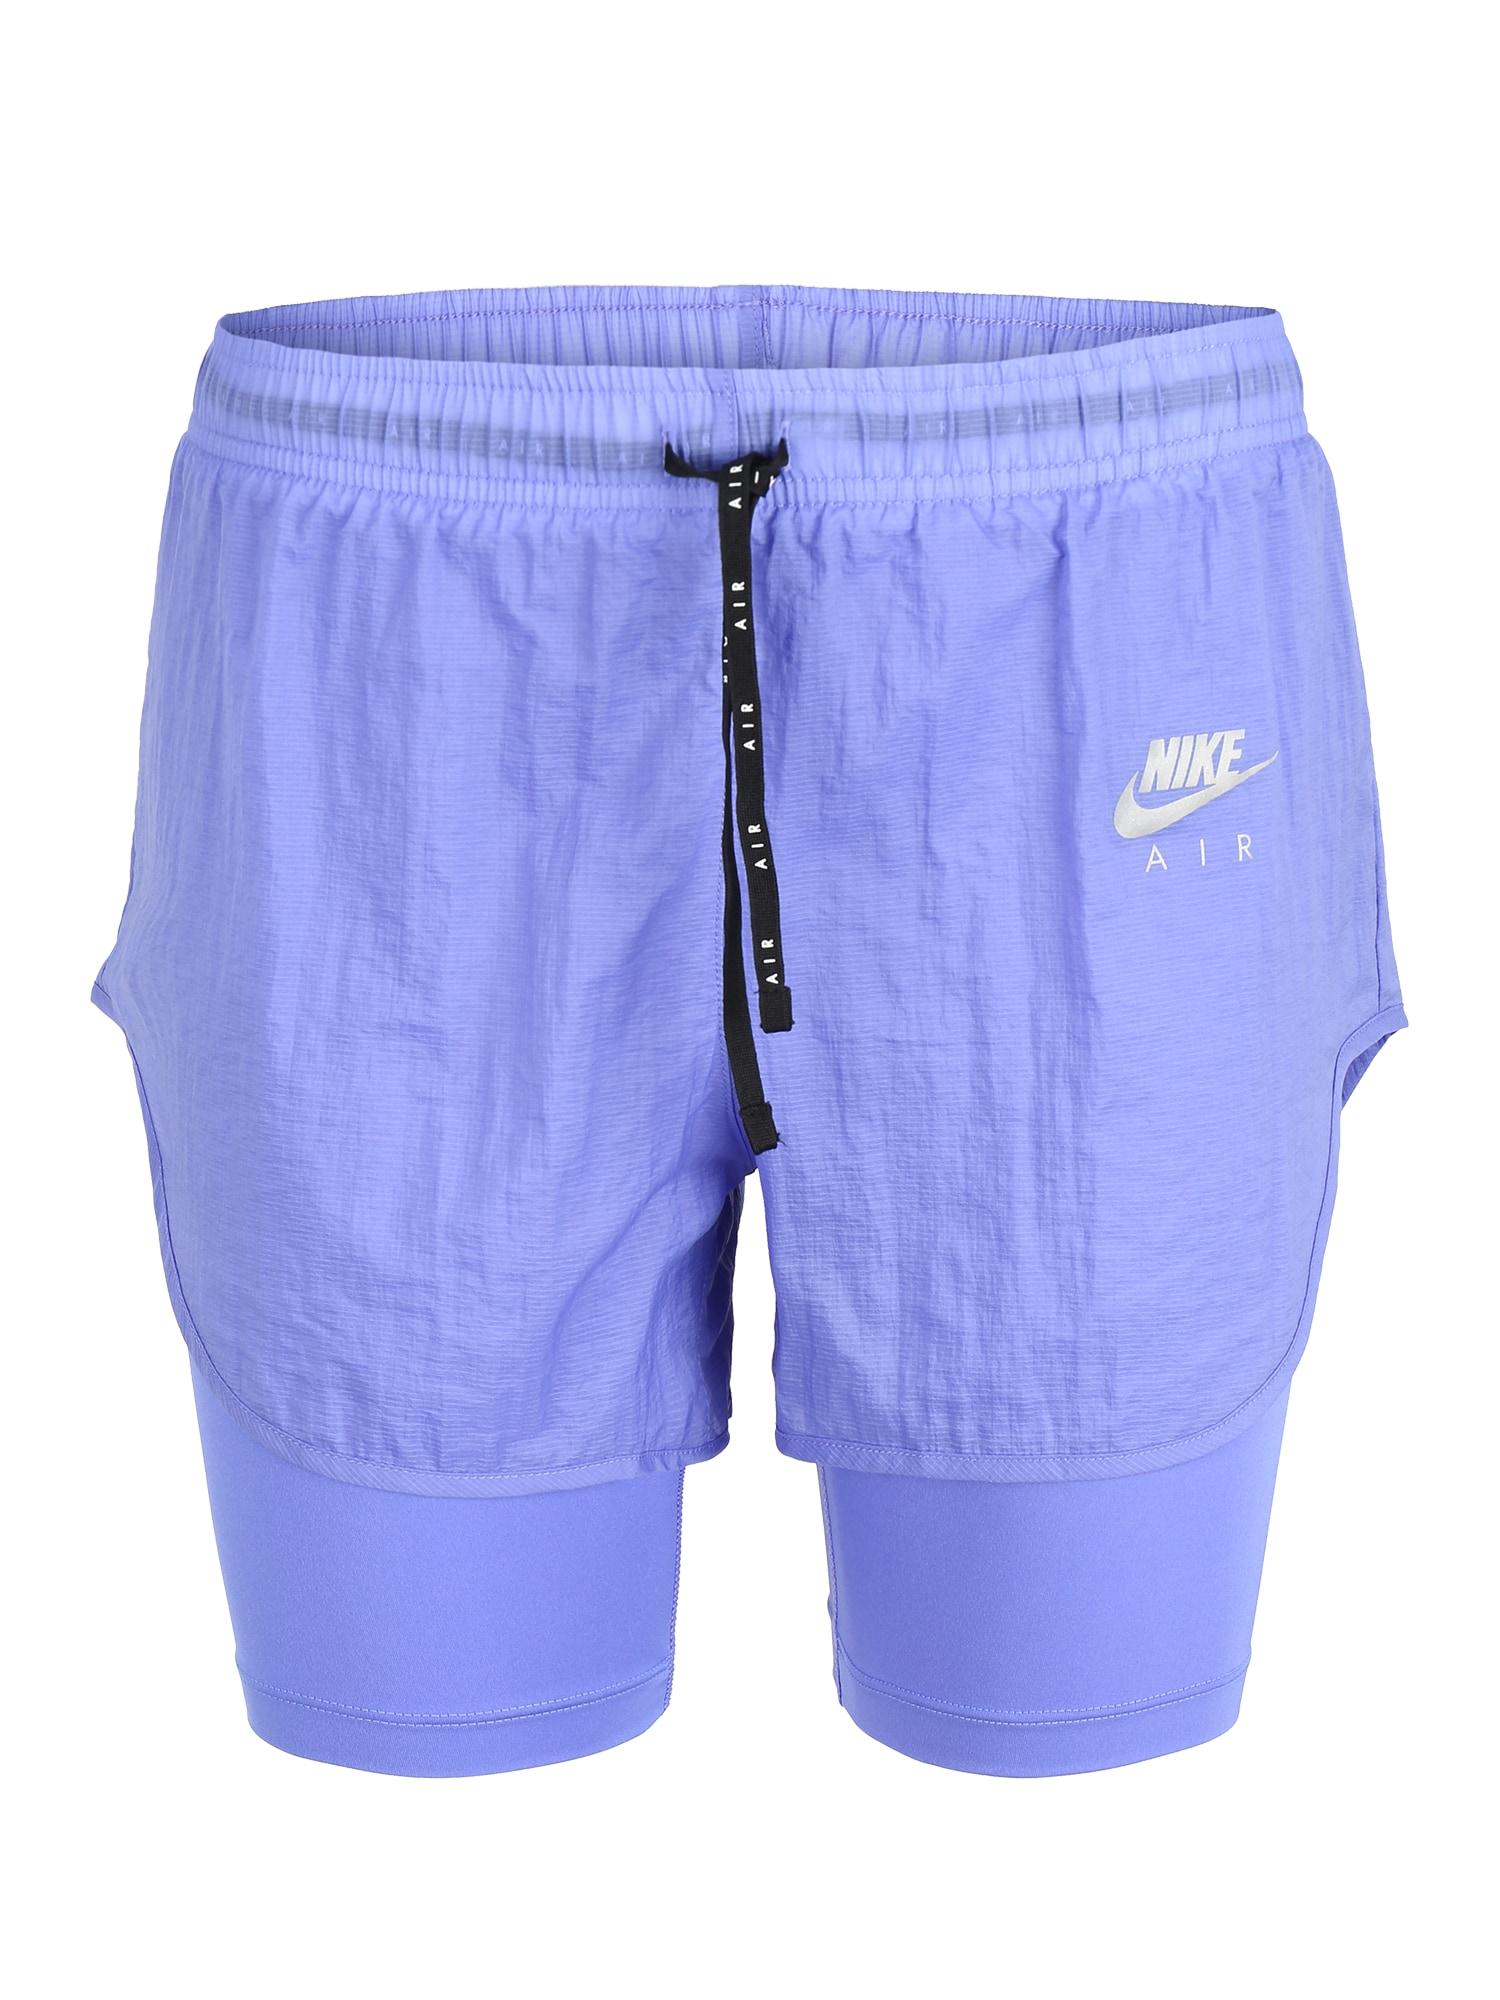 NIKE Sportinės kelnės 'Air' safyro